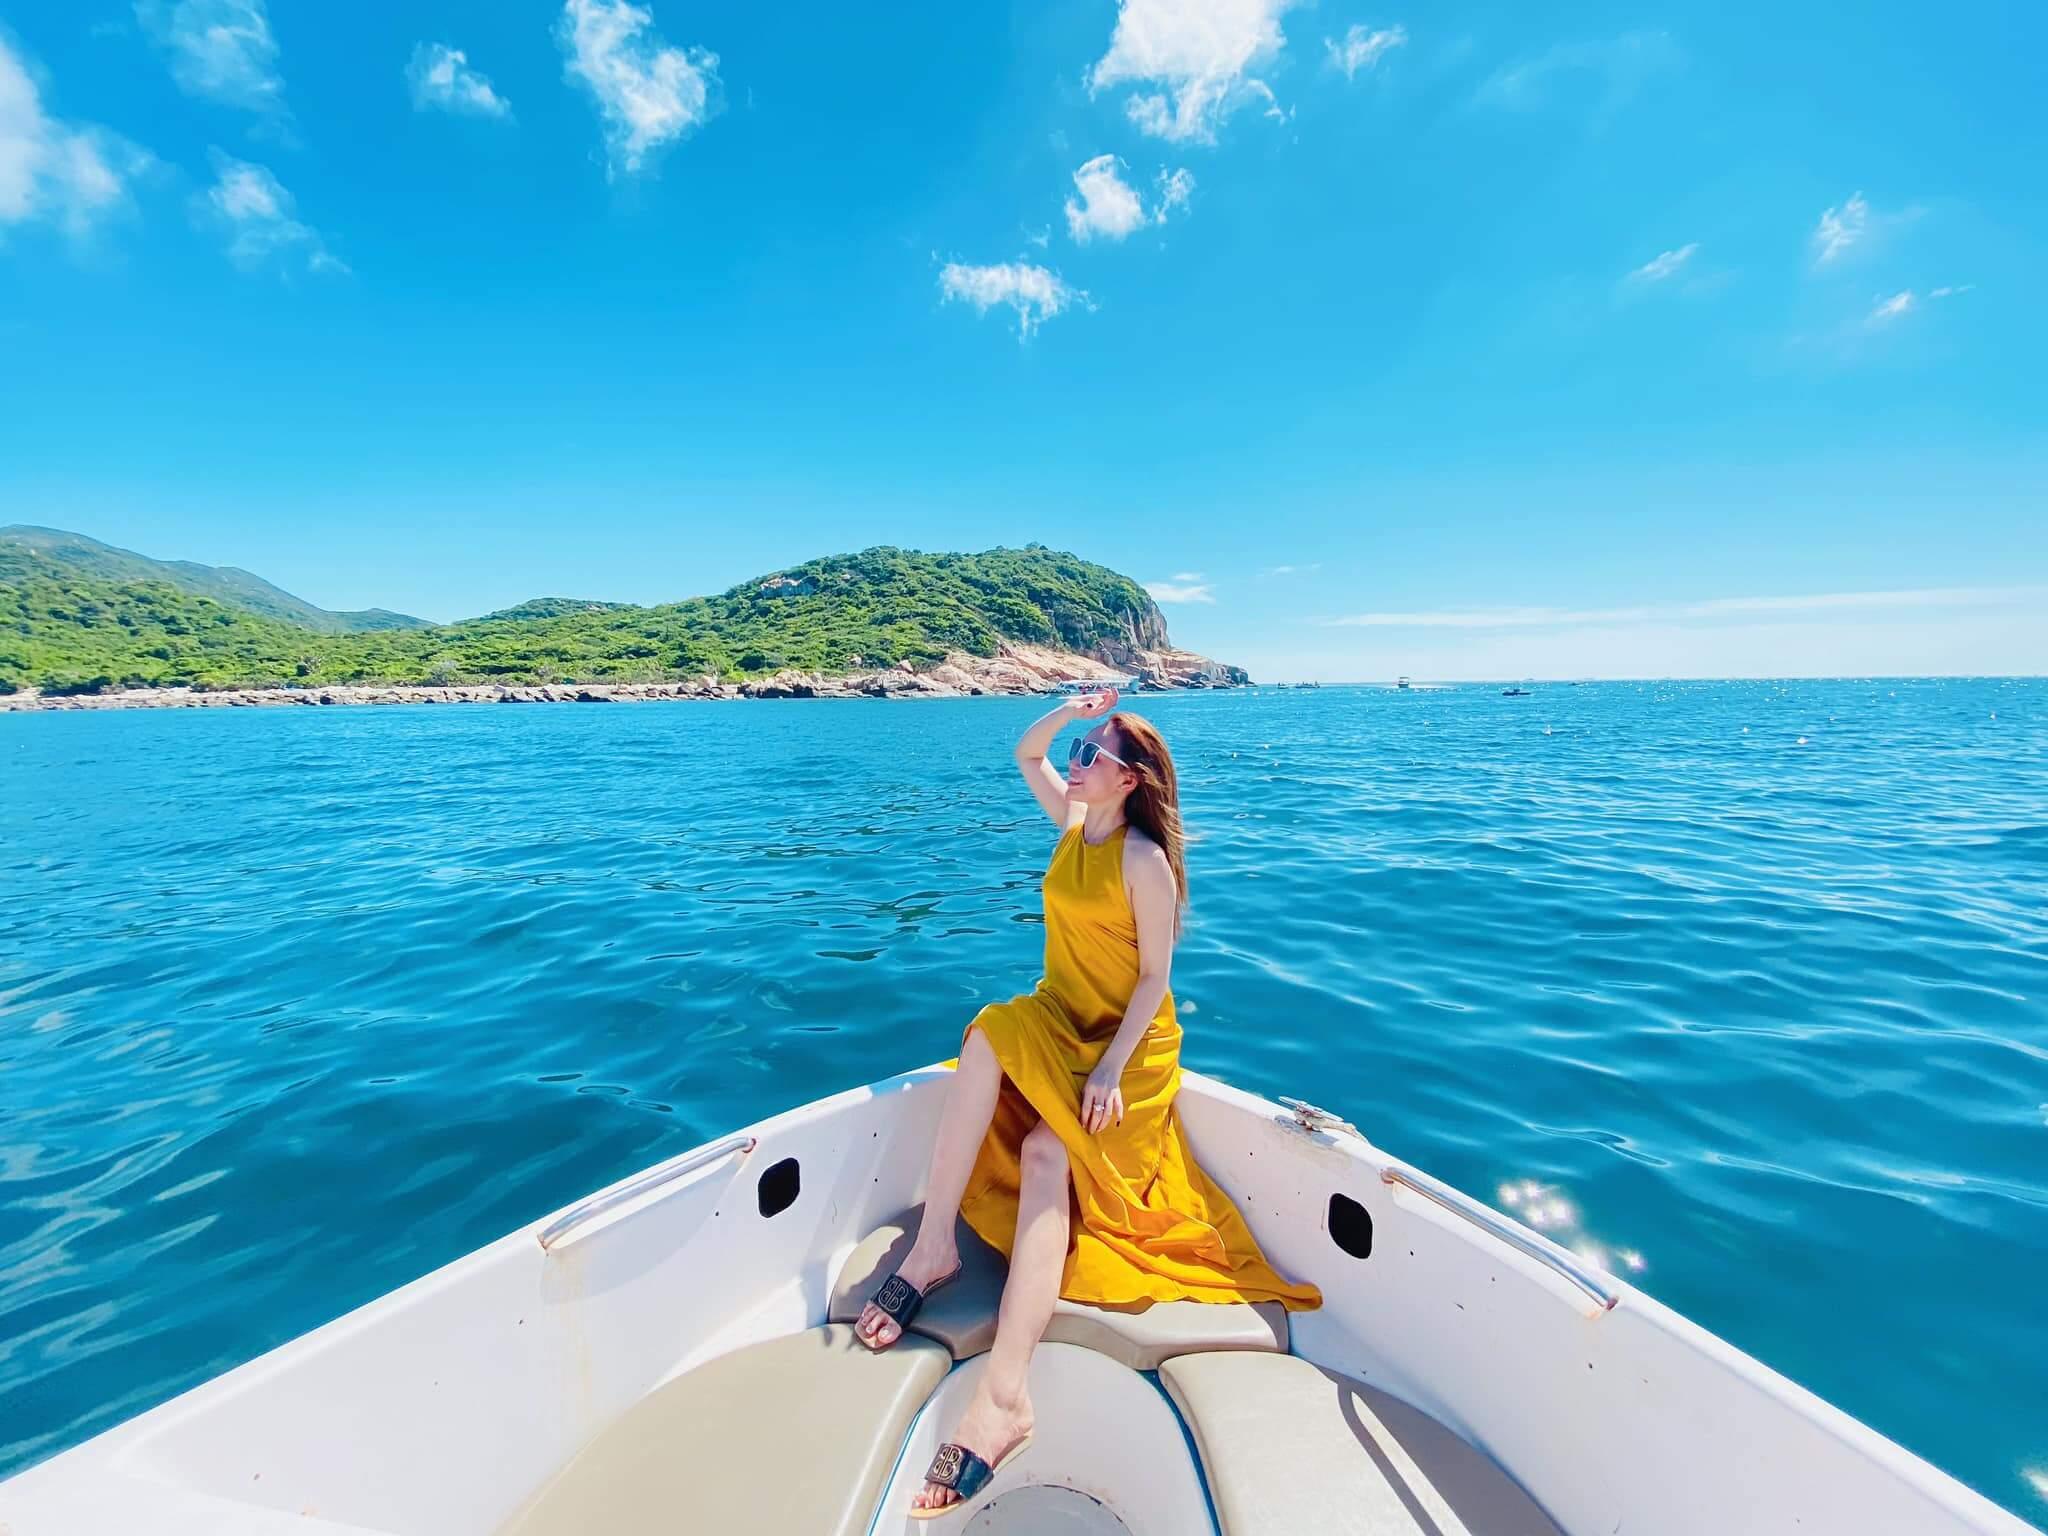 Đến với vịnh biển, bạn có thể đặt tour du lịch bằng tàu ngay tại vịnh